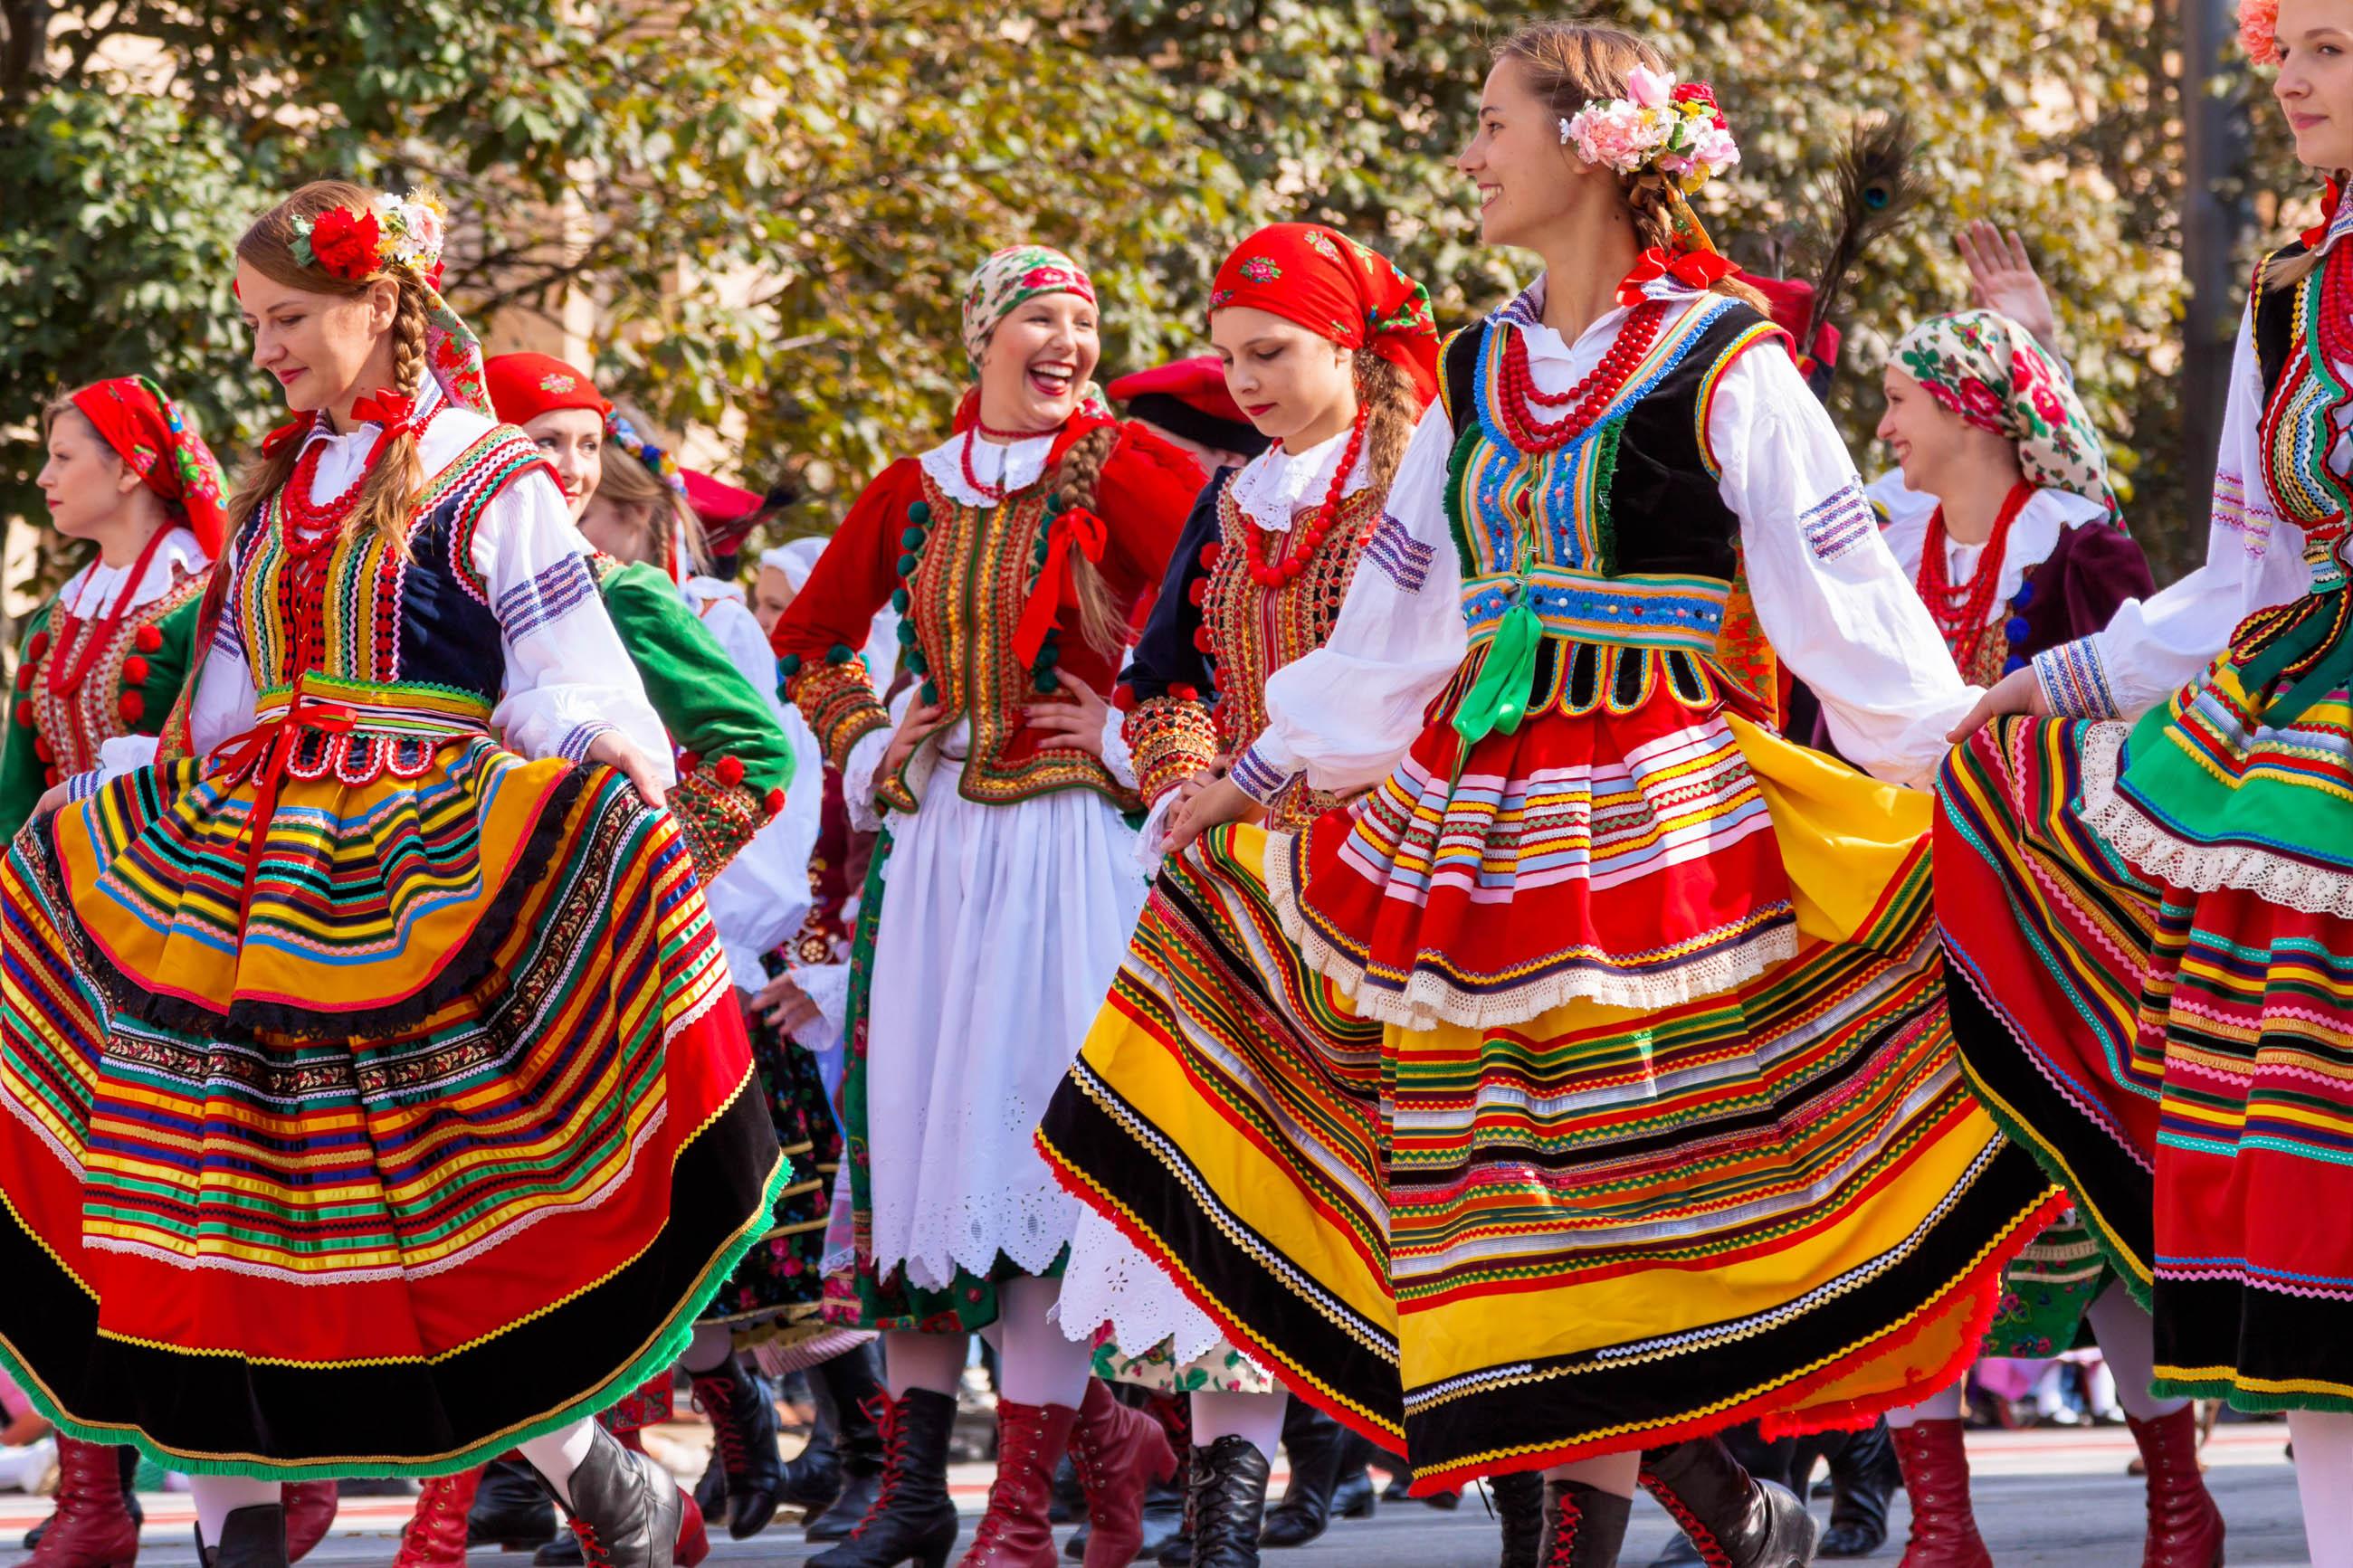 Zelte Zum Oktoberfest : Alle wichtigen infos zum oktoberfest auf der münchner